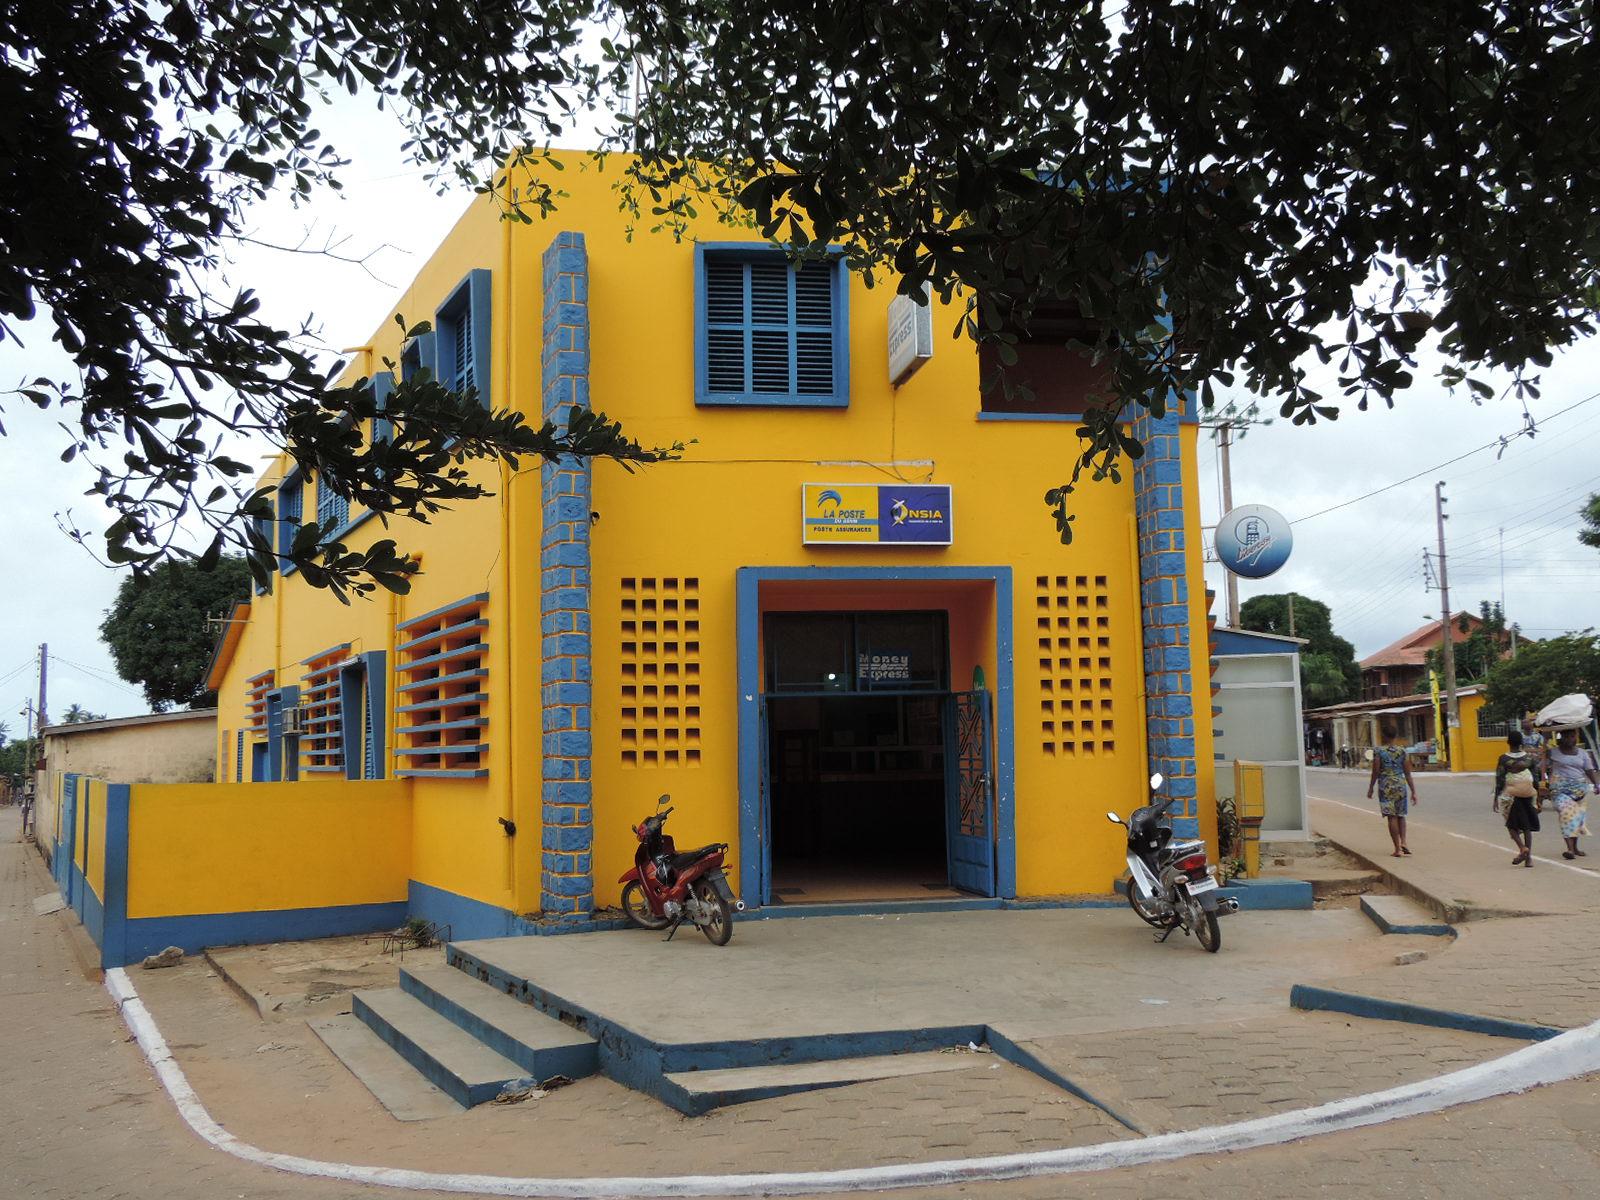 Bureaux de poste enfin un bureau de poste au cœur du quartier des